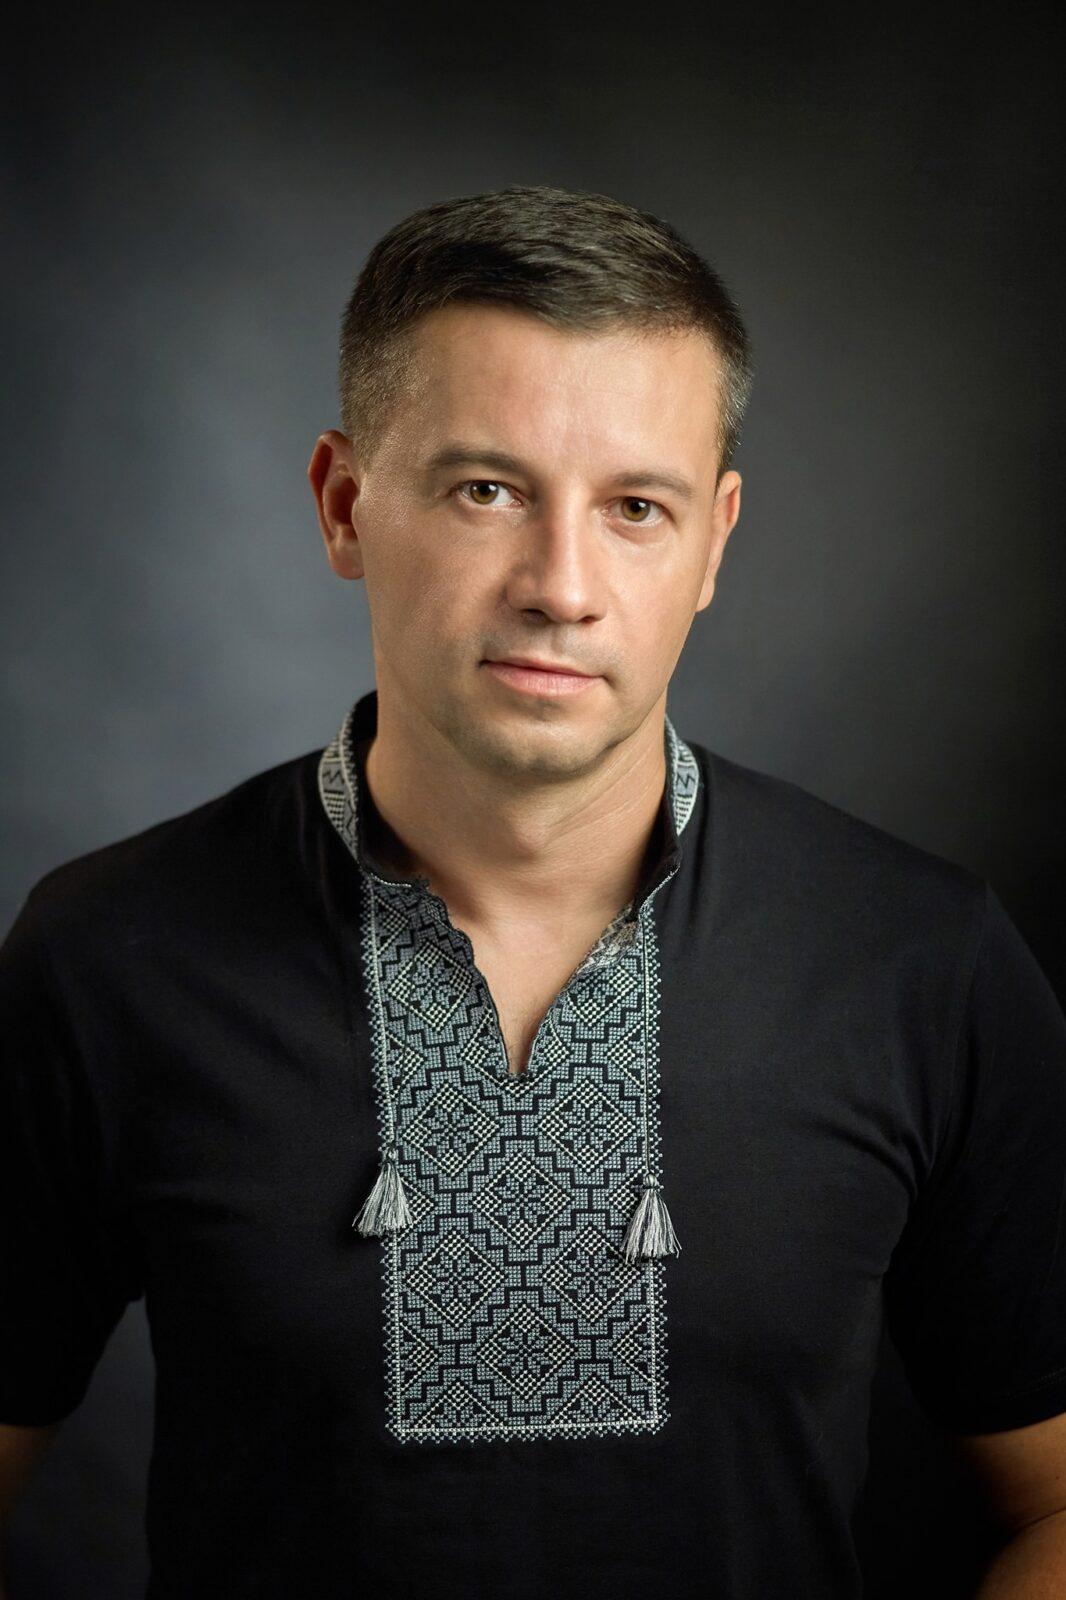 Бизнес портрет, деловая фотосессия Киев